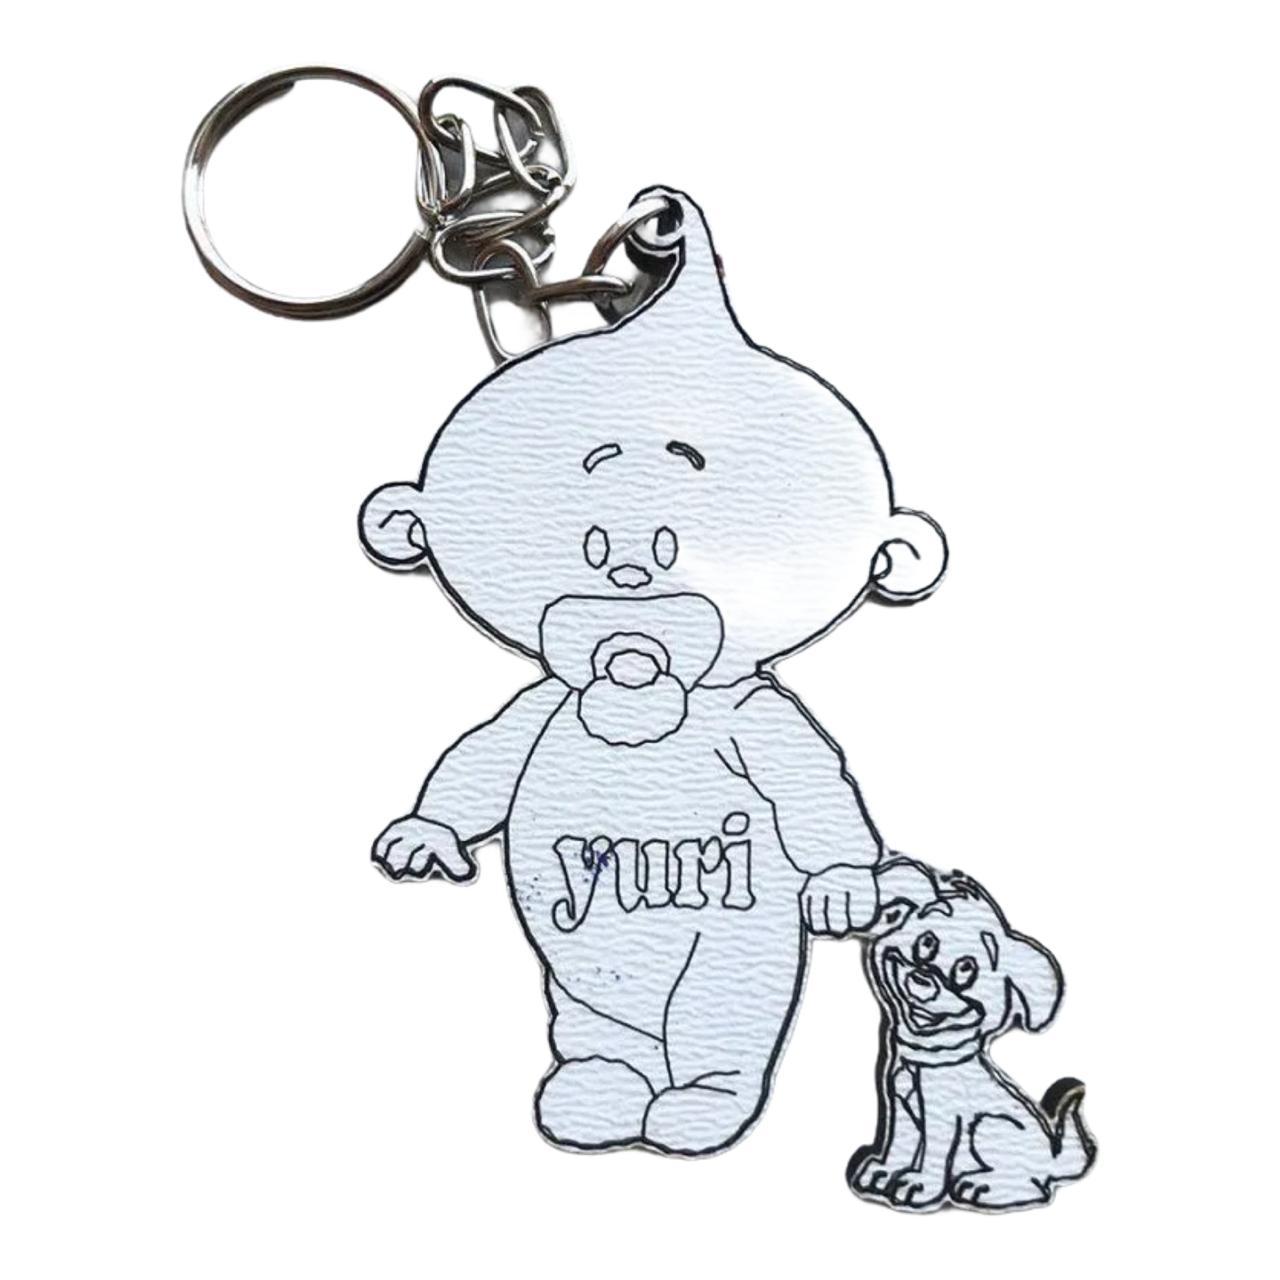 REF. 041 - Chaveiro Menino com Cachorrinho Personalizado MDF Branco